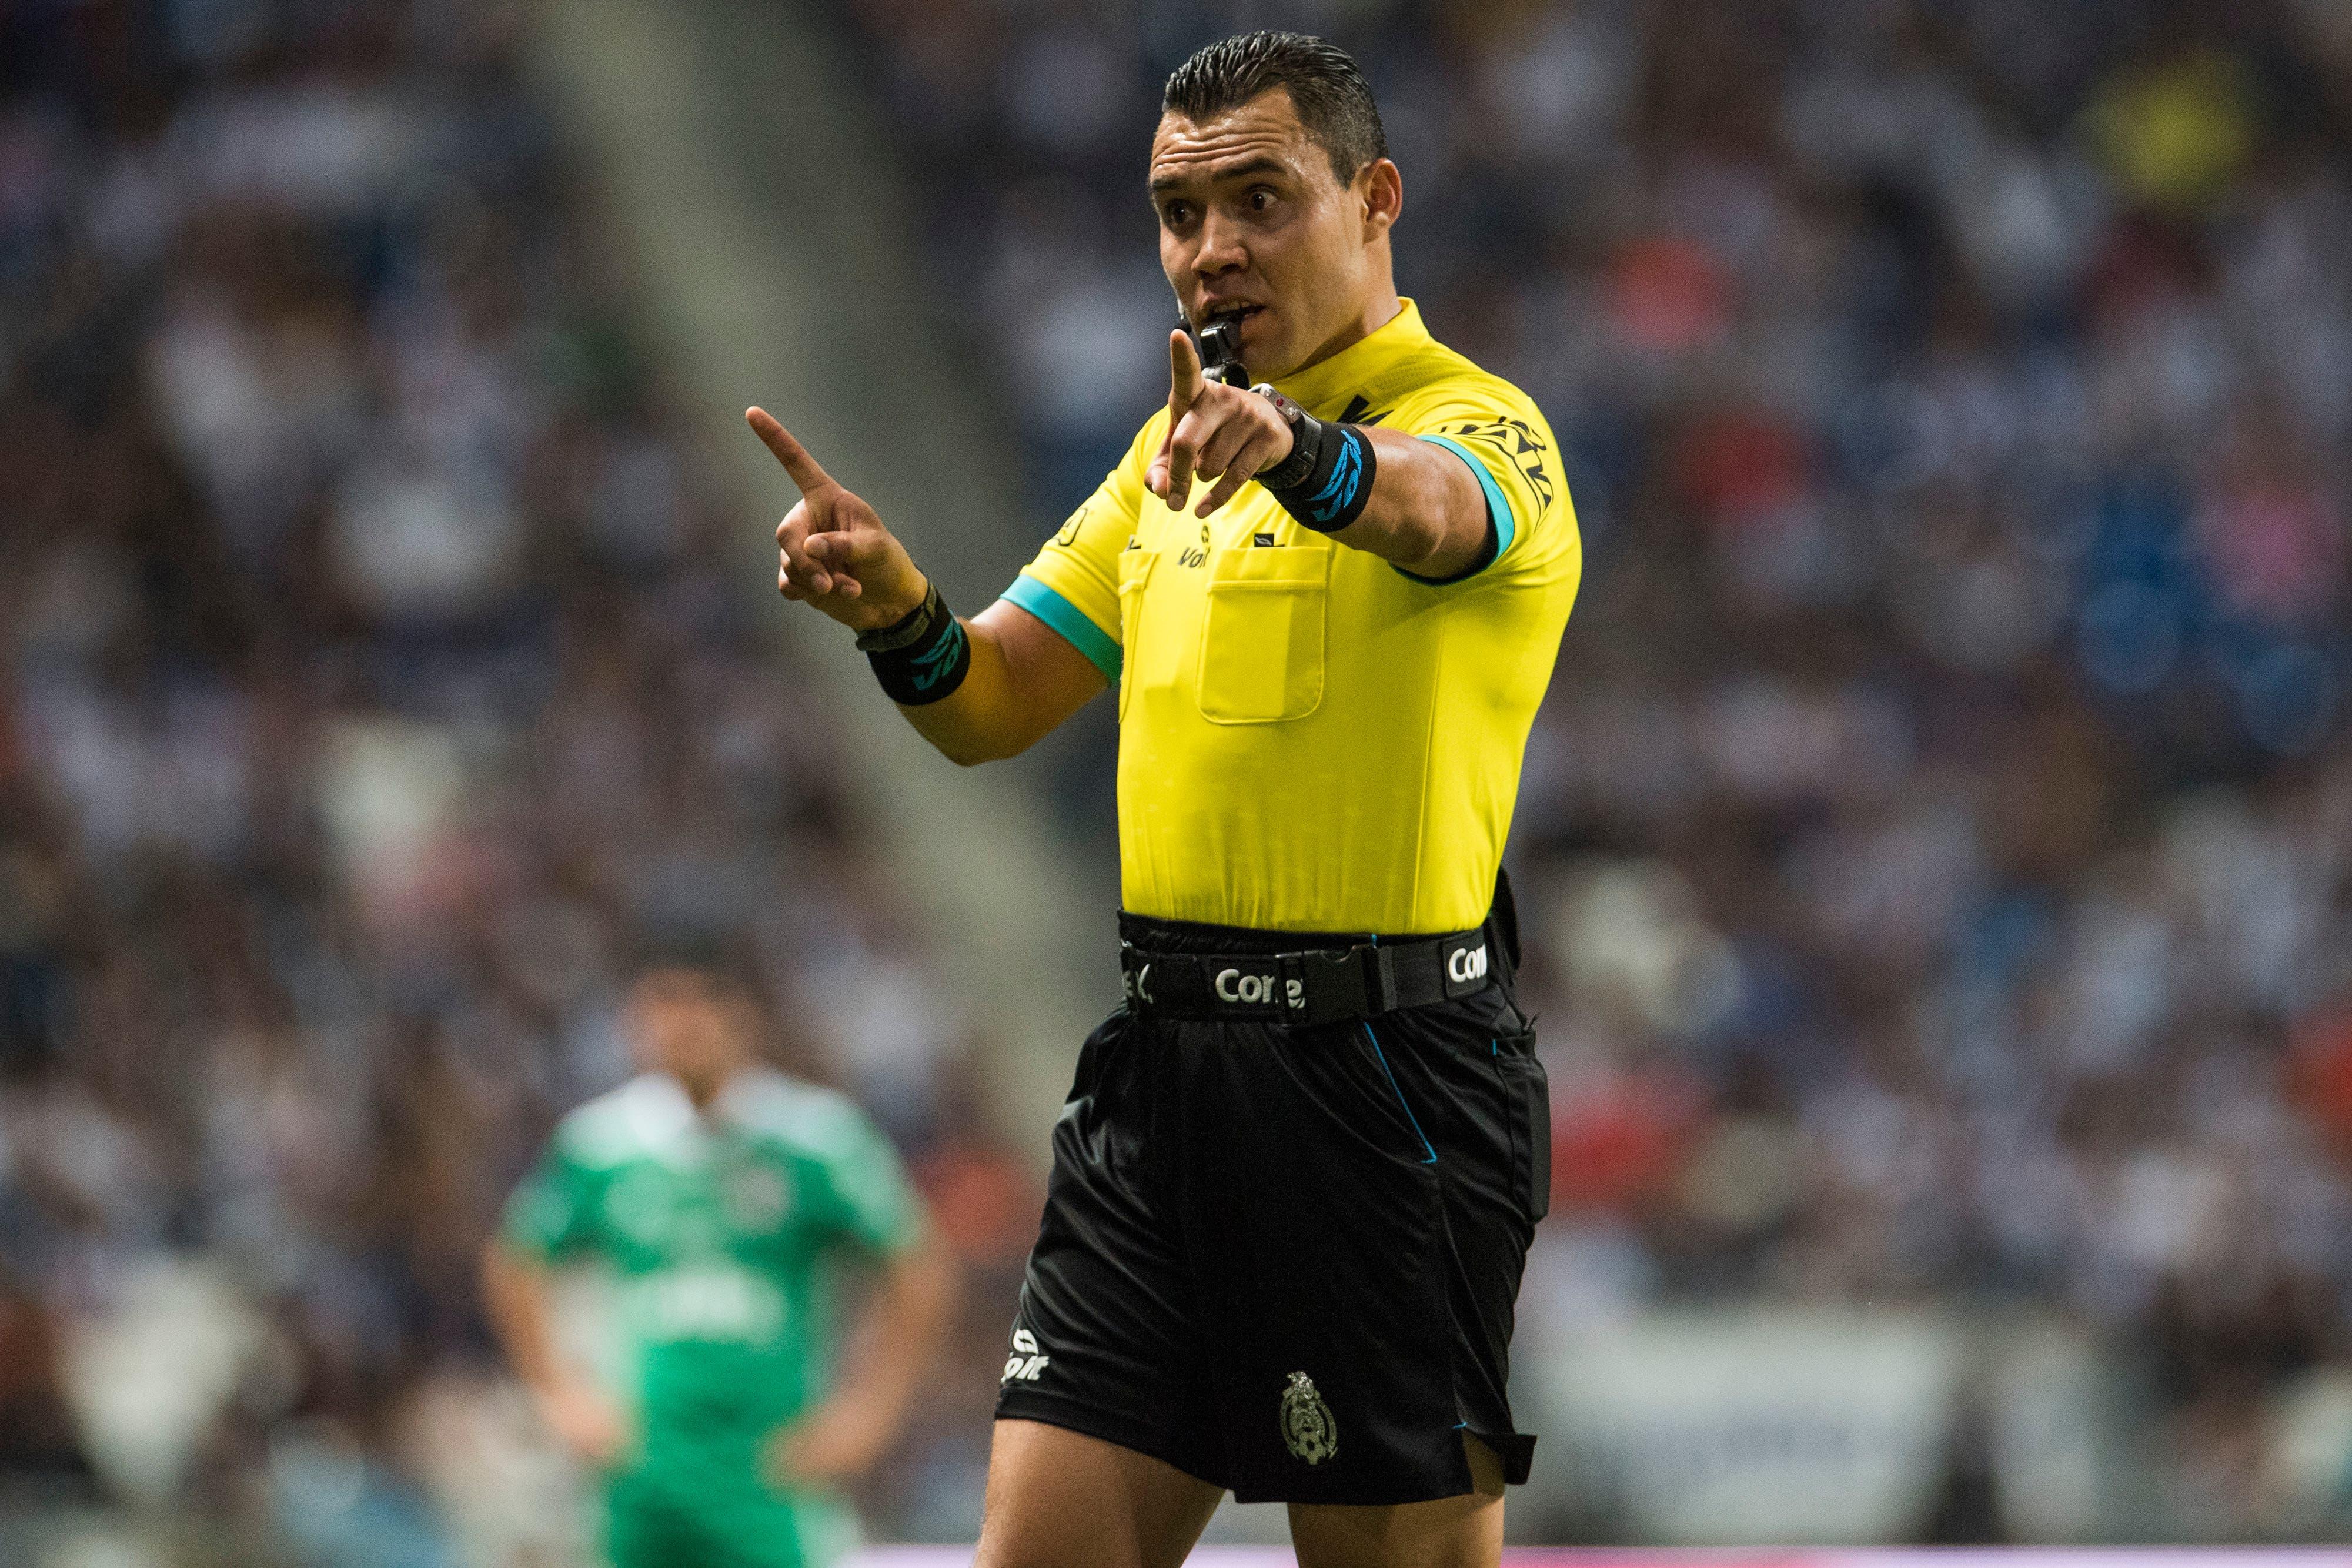 Liga MX: Los árbitros de la Jornada 8 del Clausura 2019